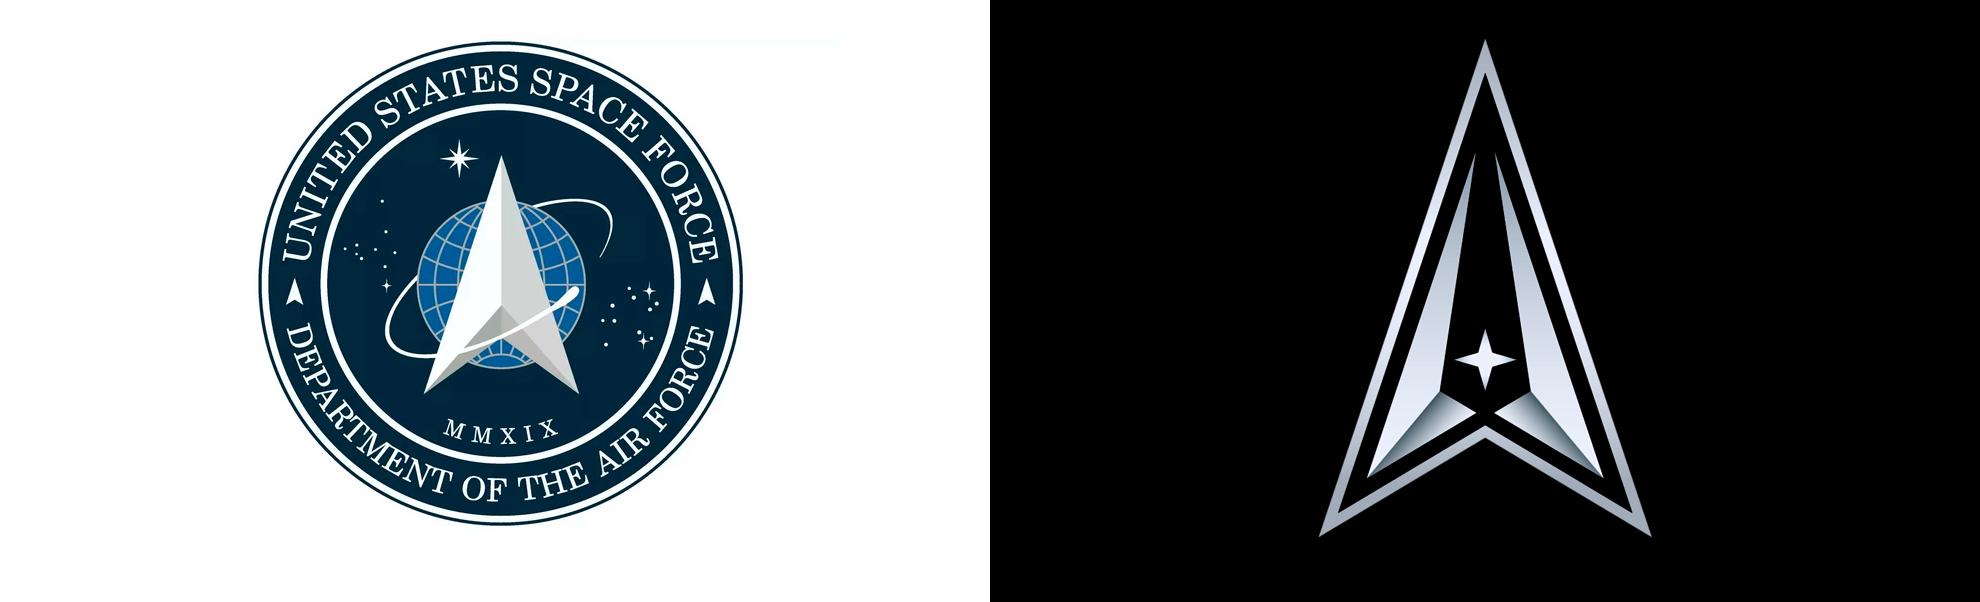 USSF zmienia logo